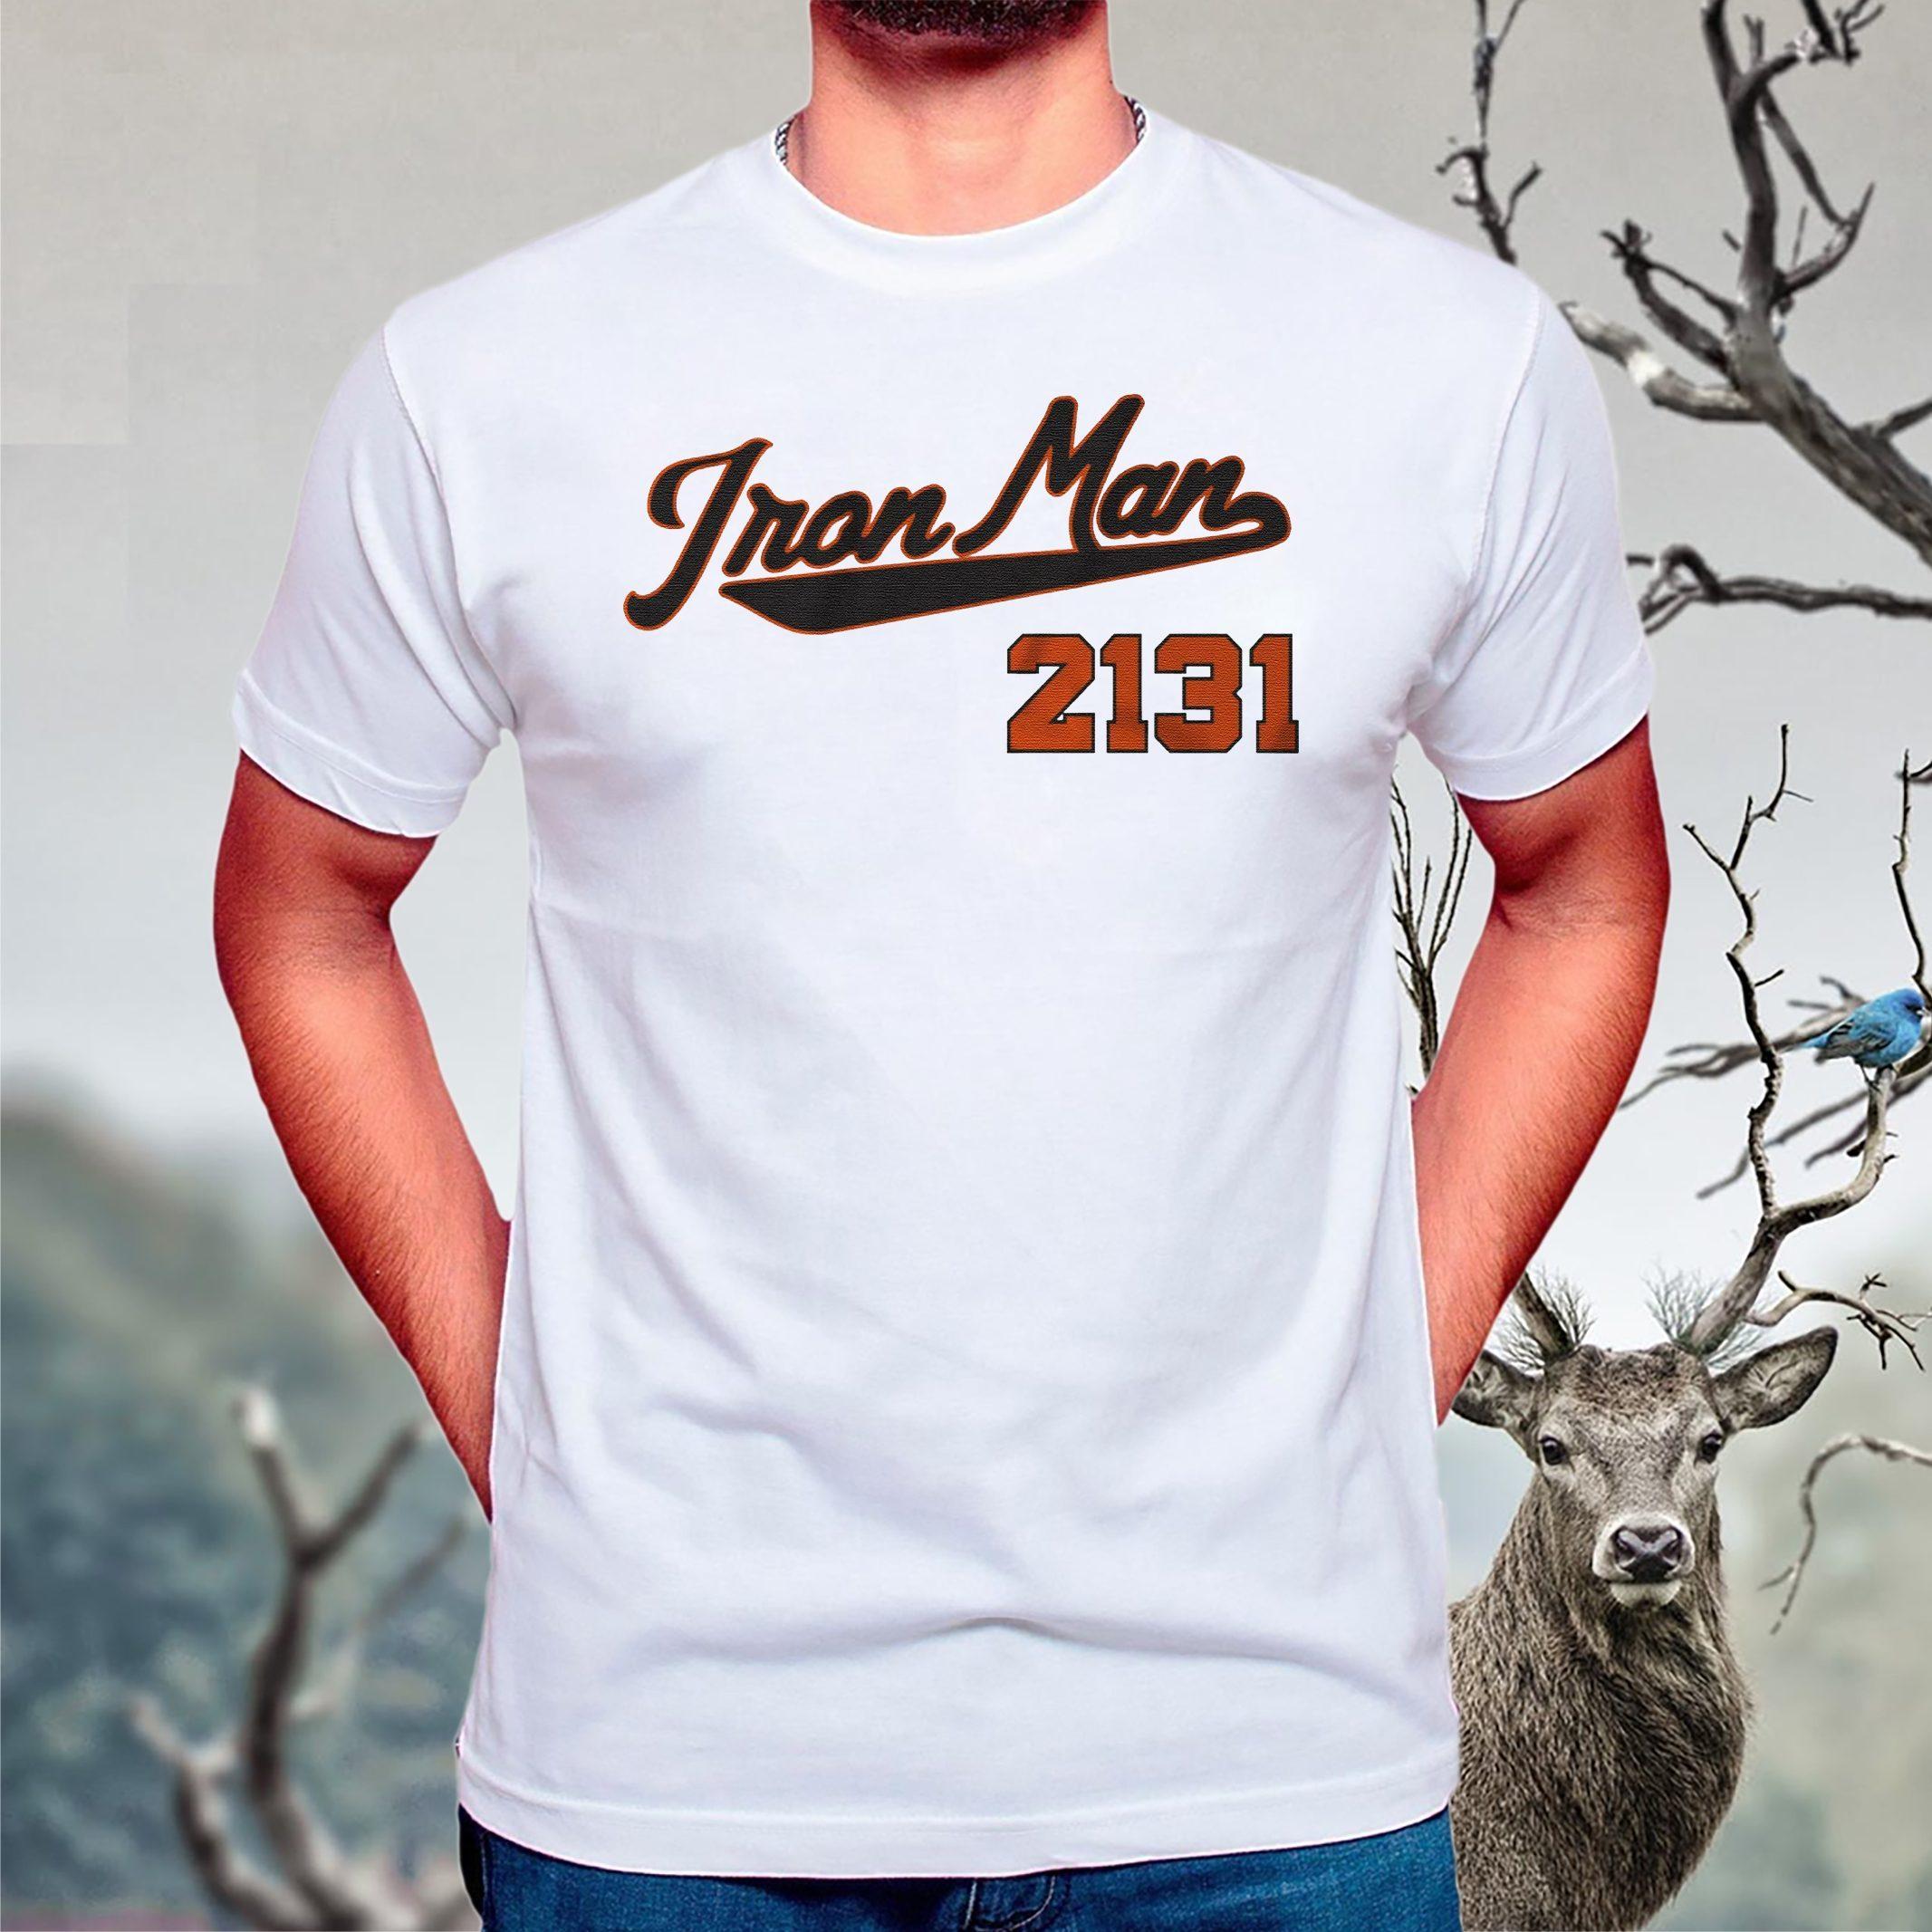 Iron Man 2131 T Shirts